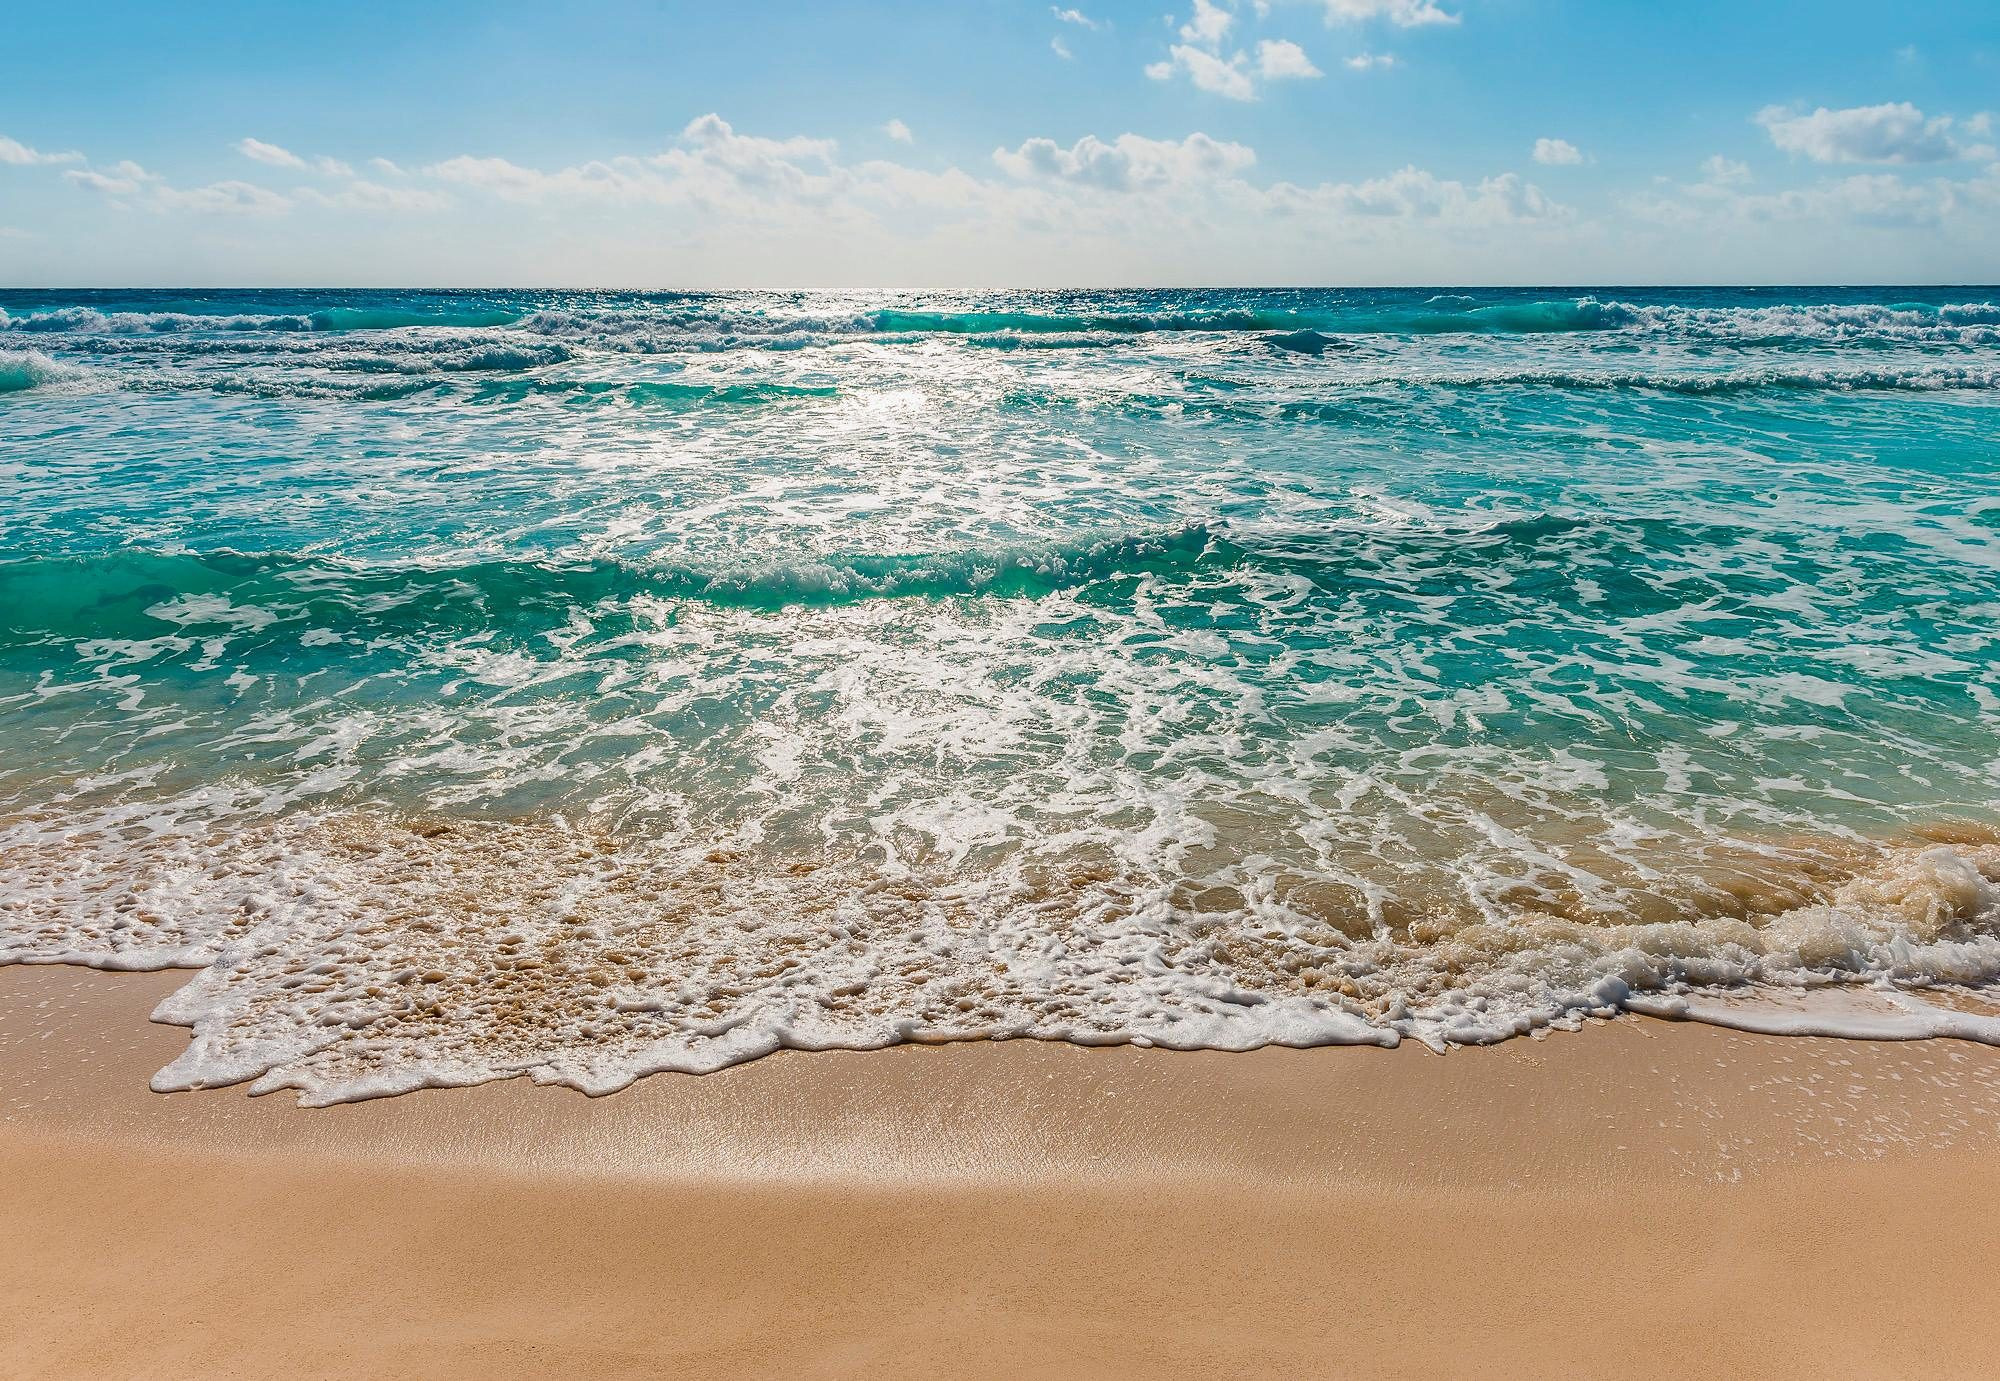 Erstaunlich Fototapete mit Strand online kaufen | OTTO KN92